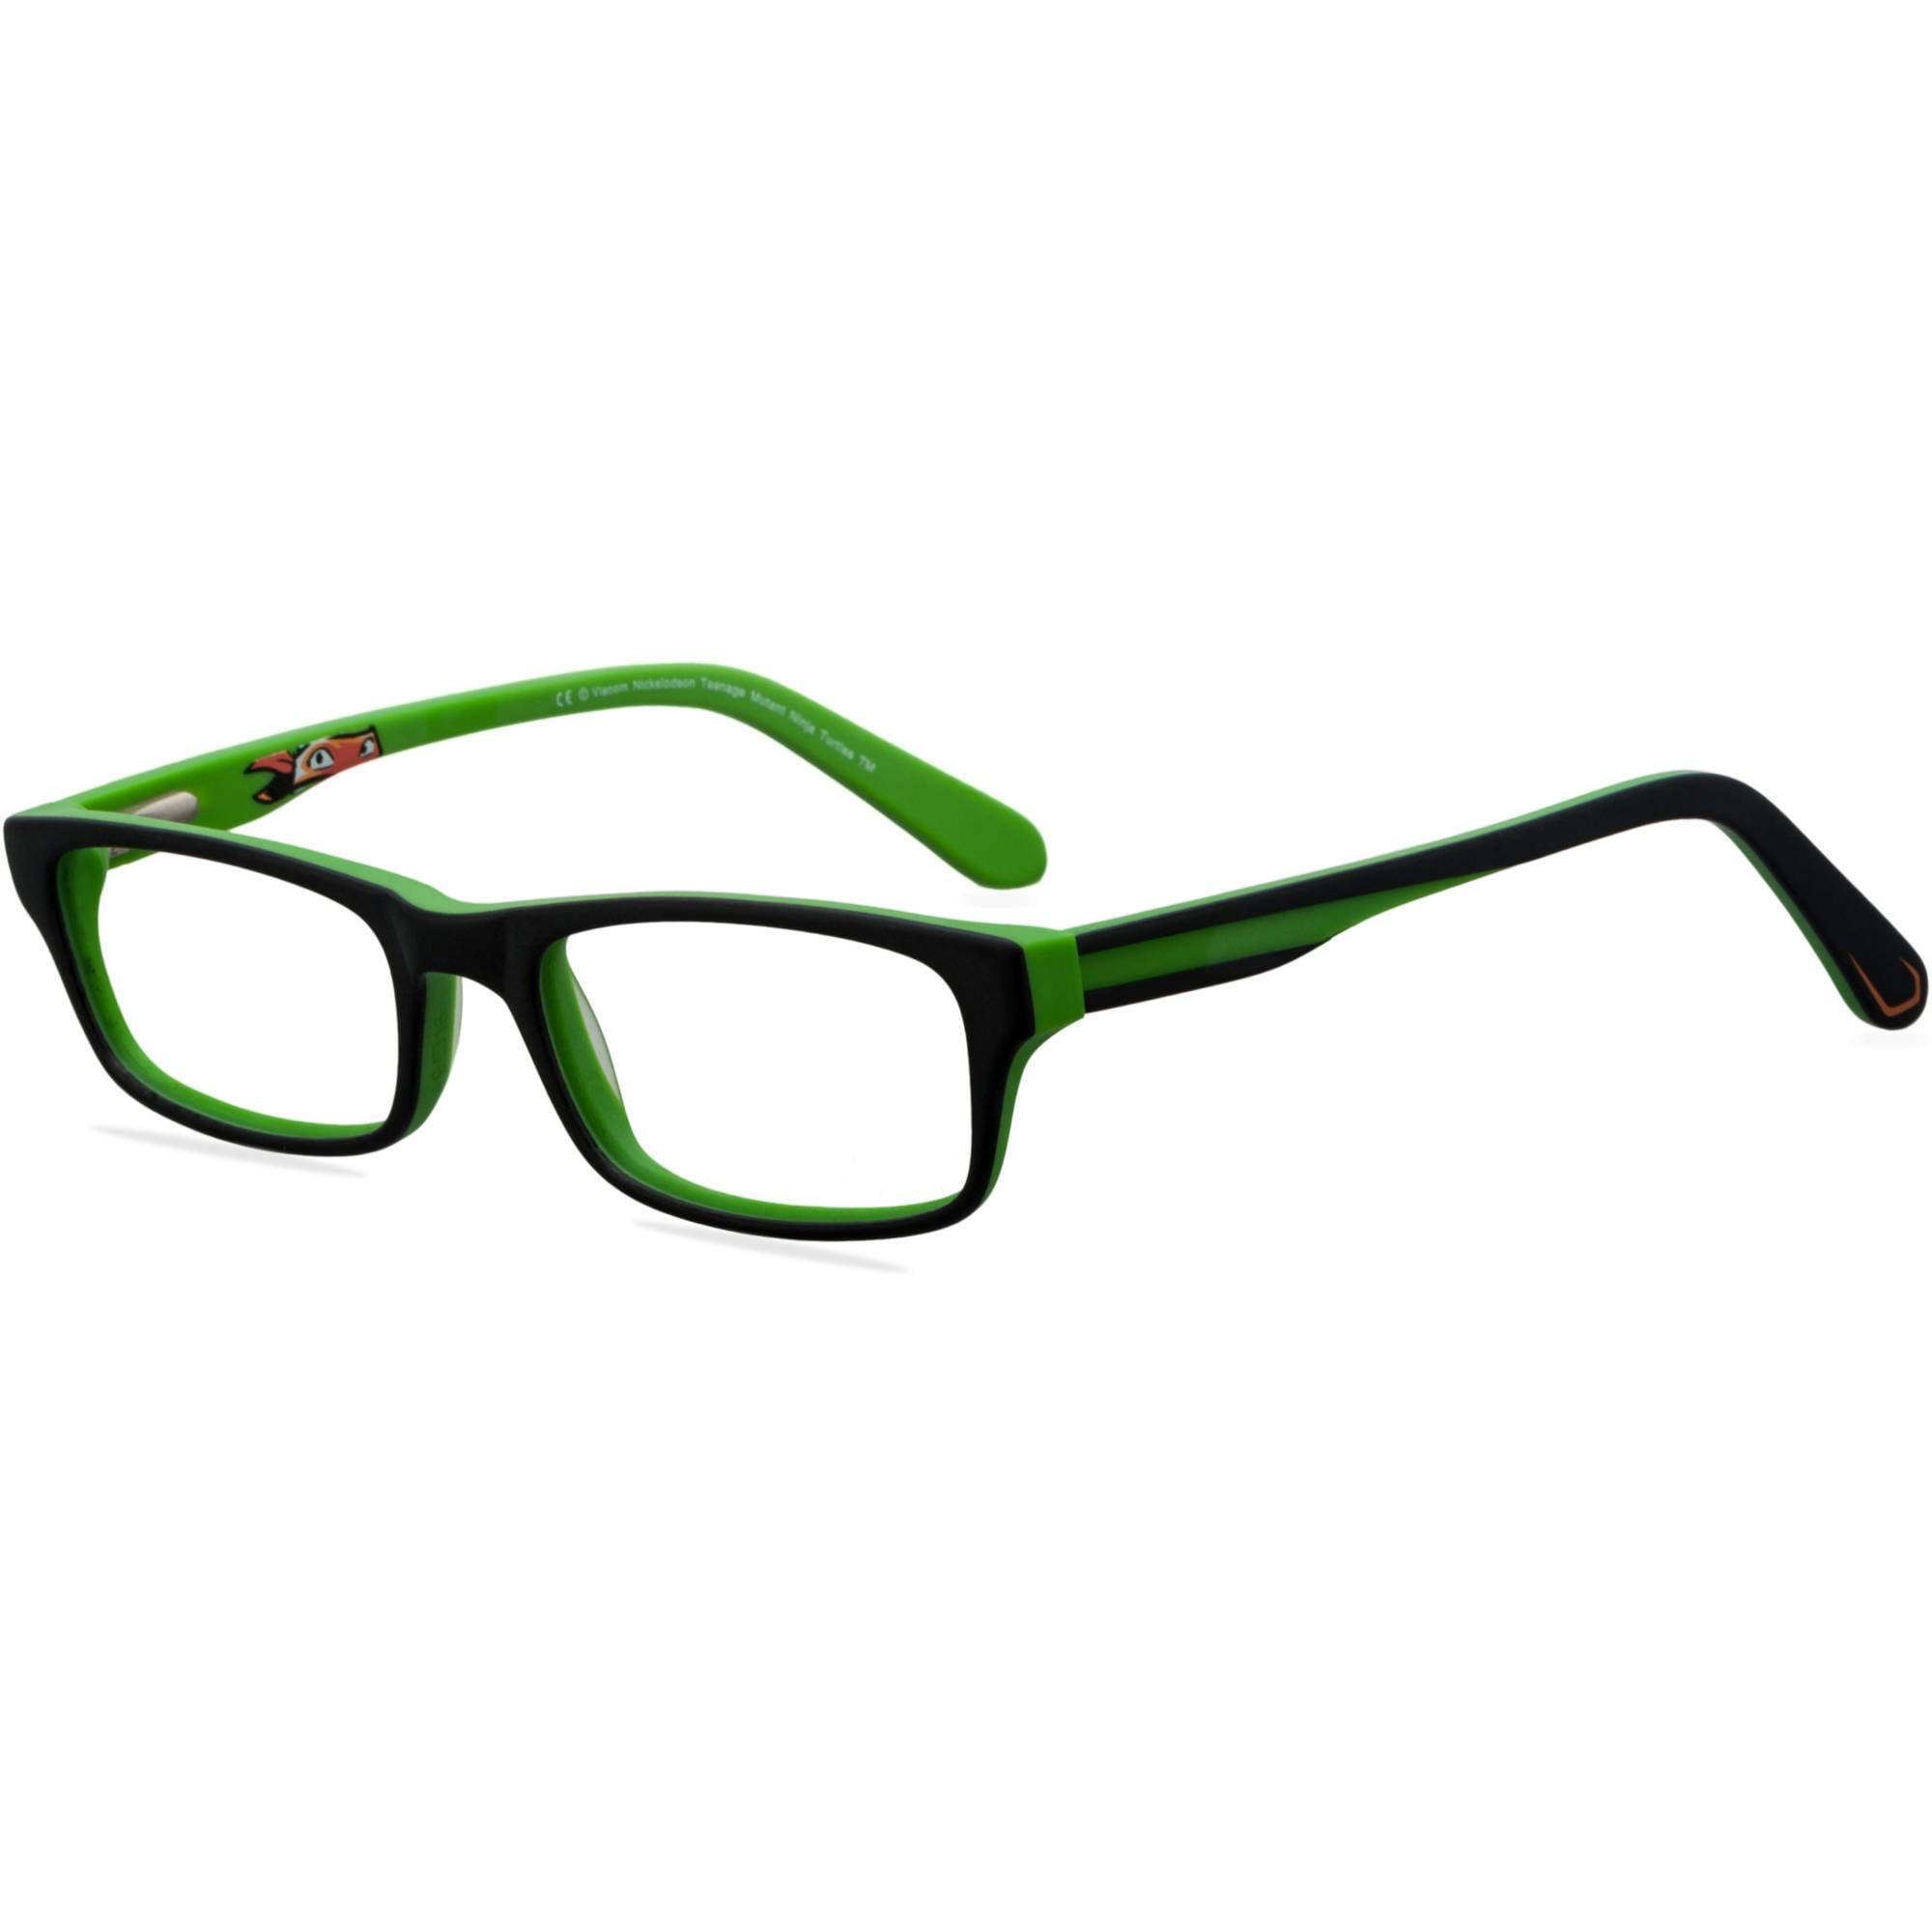 Similiar Walmart Optical Frames Women Keywords